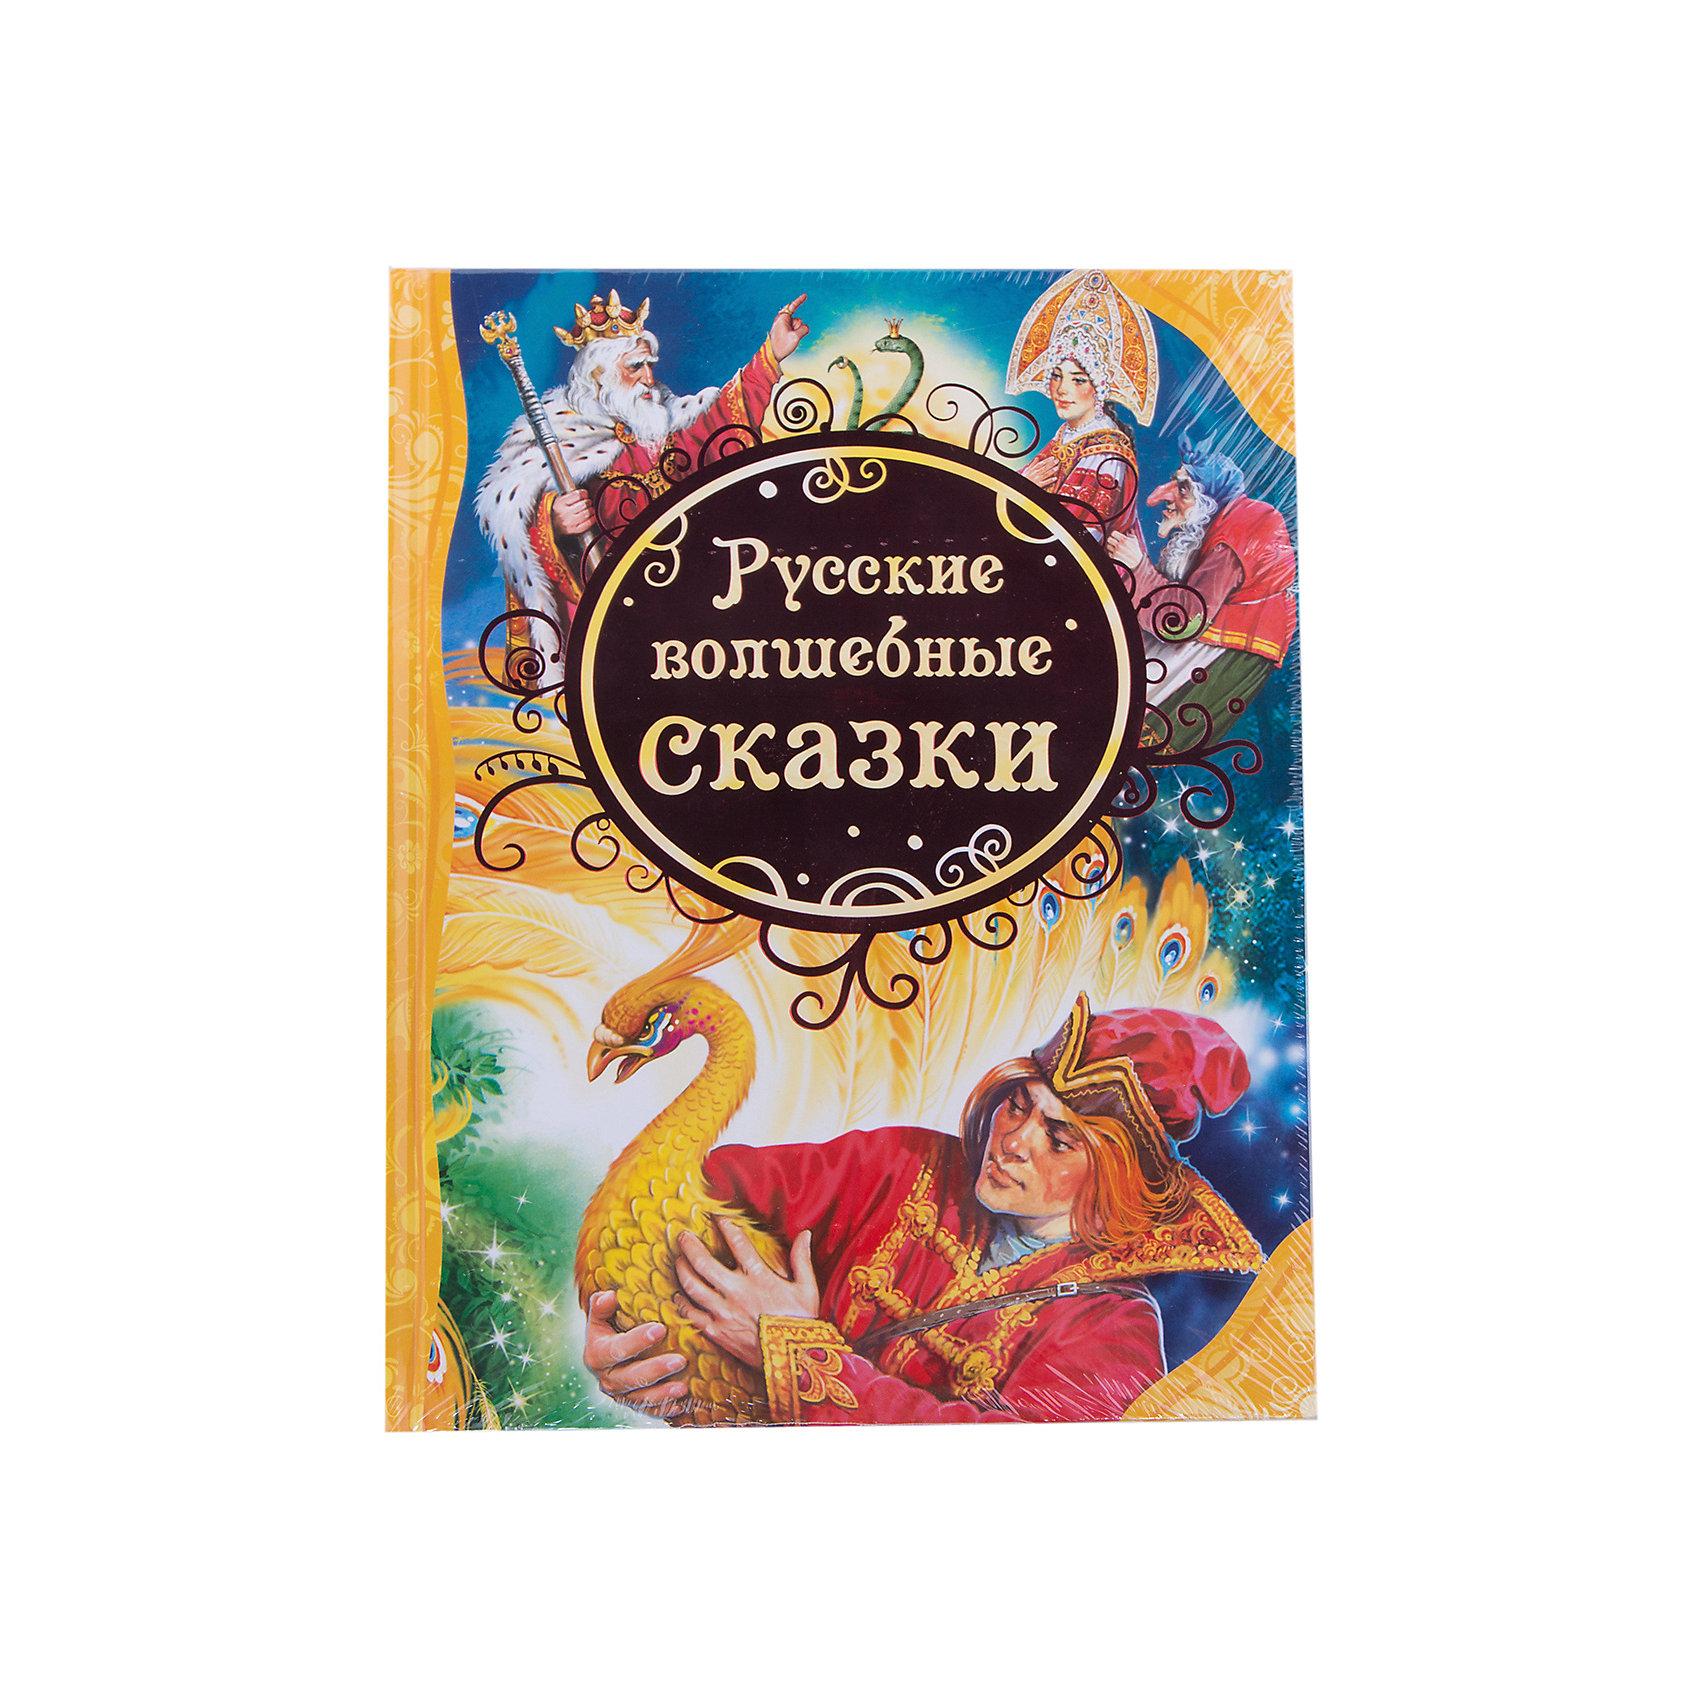 Русские волшебные сказкиРусские сказки<br>В книгу вошли самые известные русские волшебные сказки: <br>«Марья Моревна»<br>«Никита Кожемяка» <br>«Жар-птица и Василиса-царевна» <br>«Финист – ясный сокол» и другие.<br><br>Дополнительная информация:<br><br>Яркие иллюстрации на каждой странице. <br>Крупный шрифт. <br>Тексты сказок адаптирован для детей от 3 до 5 лет. <br>Художник В. Нечитайло<br>Тип переплета (Обложка): Твердая<br>Формат (мм): 196x255<br>Количество страниц: 144<br>Наличие иллюстраций: цветные<br><br>Русские волшебные сказки можно купить в нашем магазине.<br><br>Ширина мм: 263<br>Глубина мм: 202<br>Высота мм: 15<br>Вес г: 520<br>Возраст от месяцев: 36<br>Возраст до месяцев: 72<br>Пол: Унисекс<br>Возраст: Детский<br>SKU: 3177444